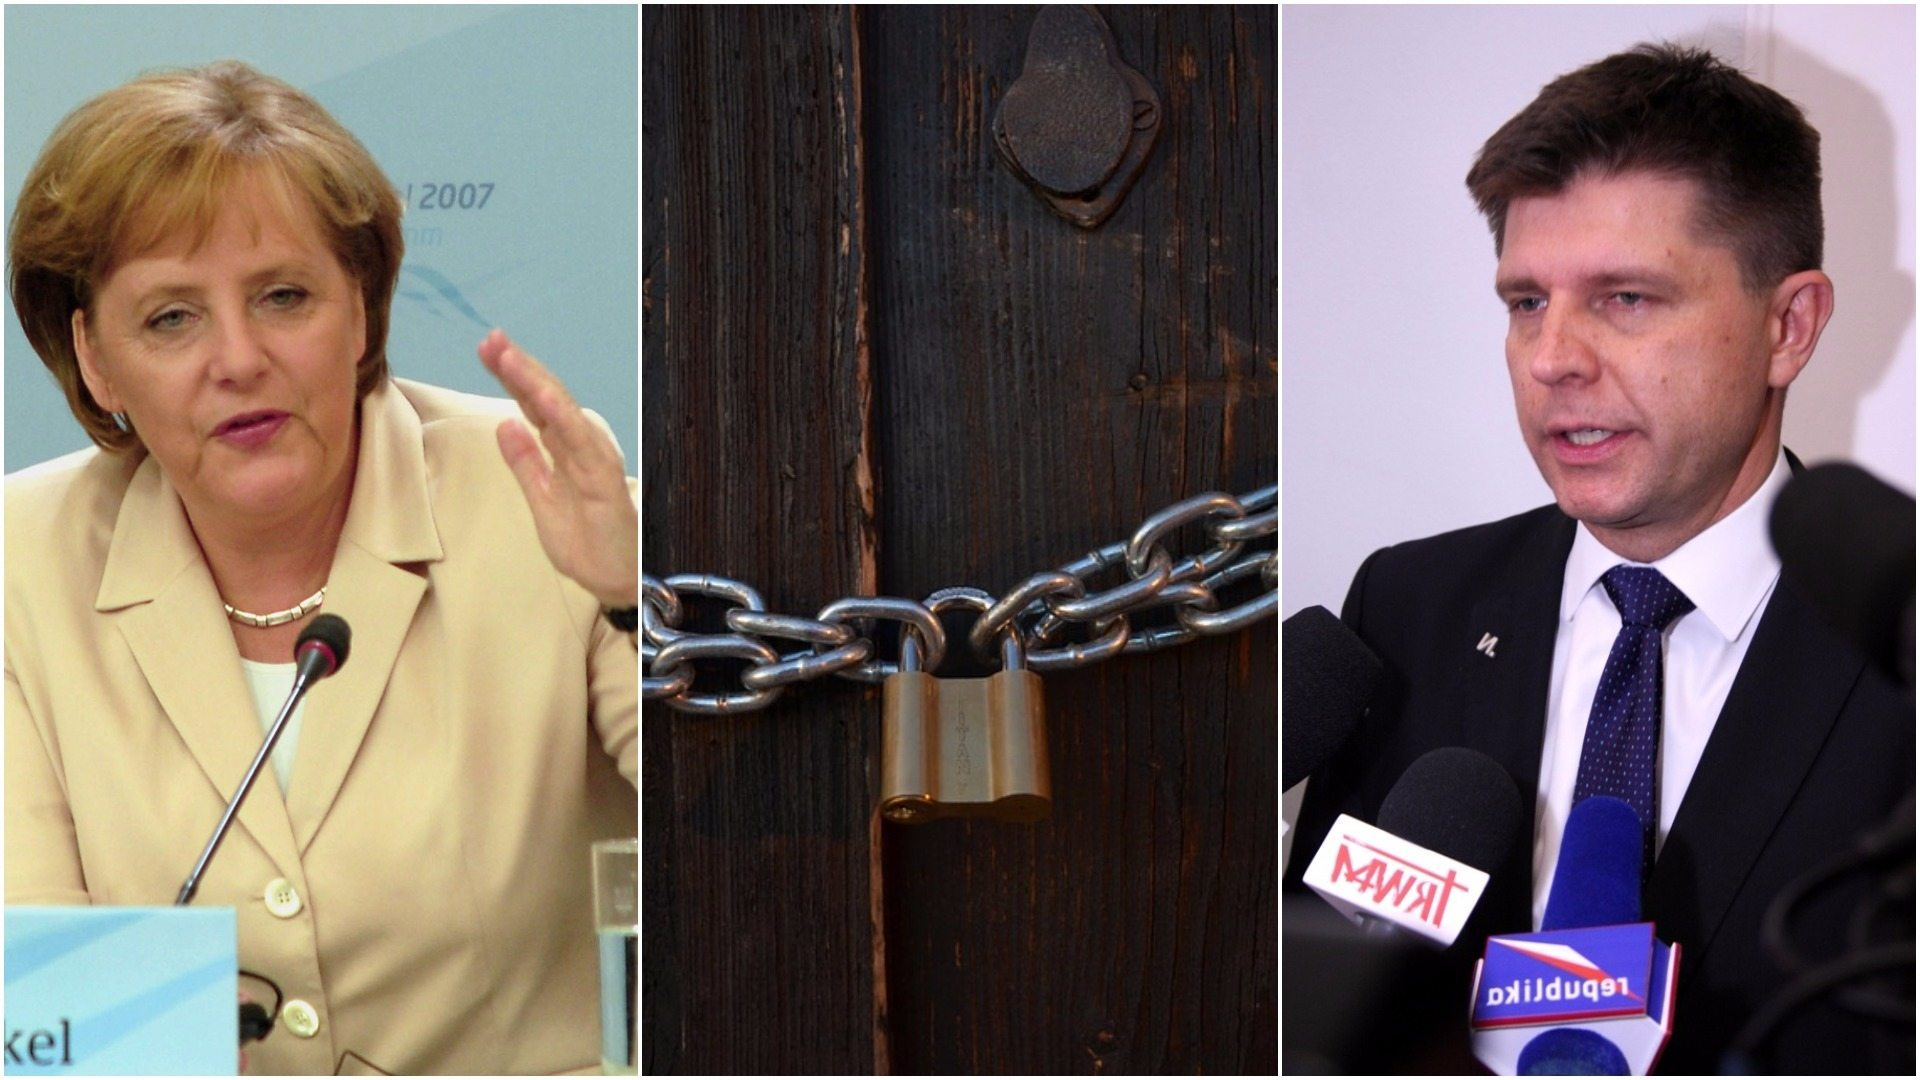 Petru obrażony. Merkel wyrzuciła go za drzwi